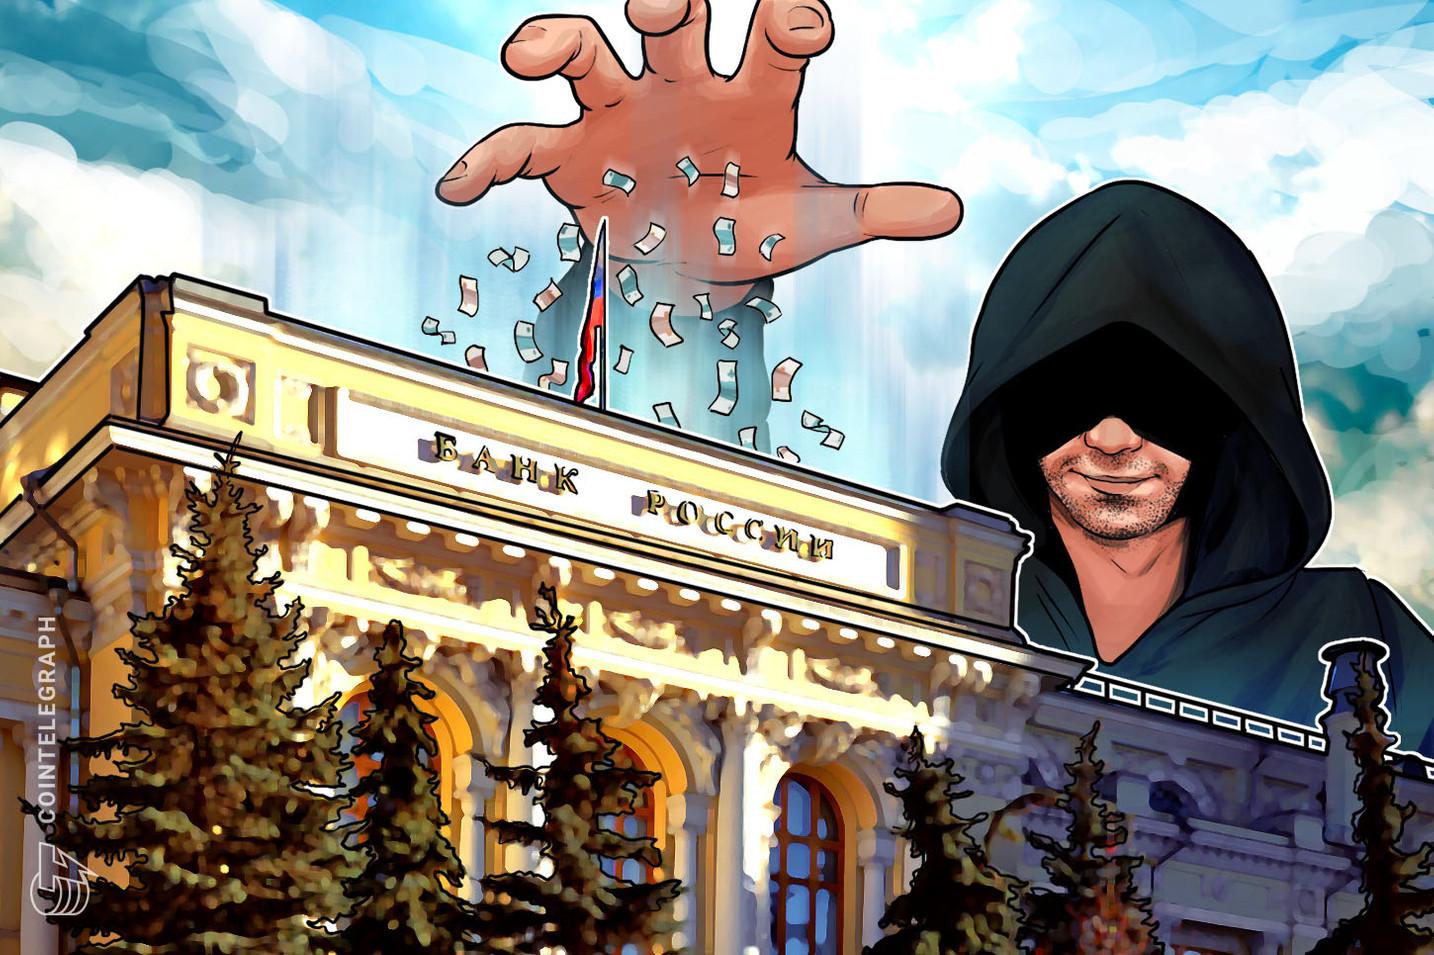 Criminales rusos venden 13 millones de dólares de dinero falso por criptomonedas en la darknet